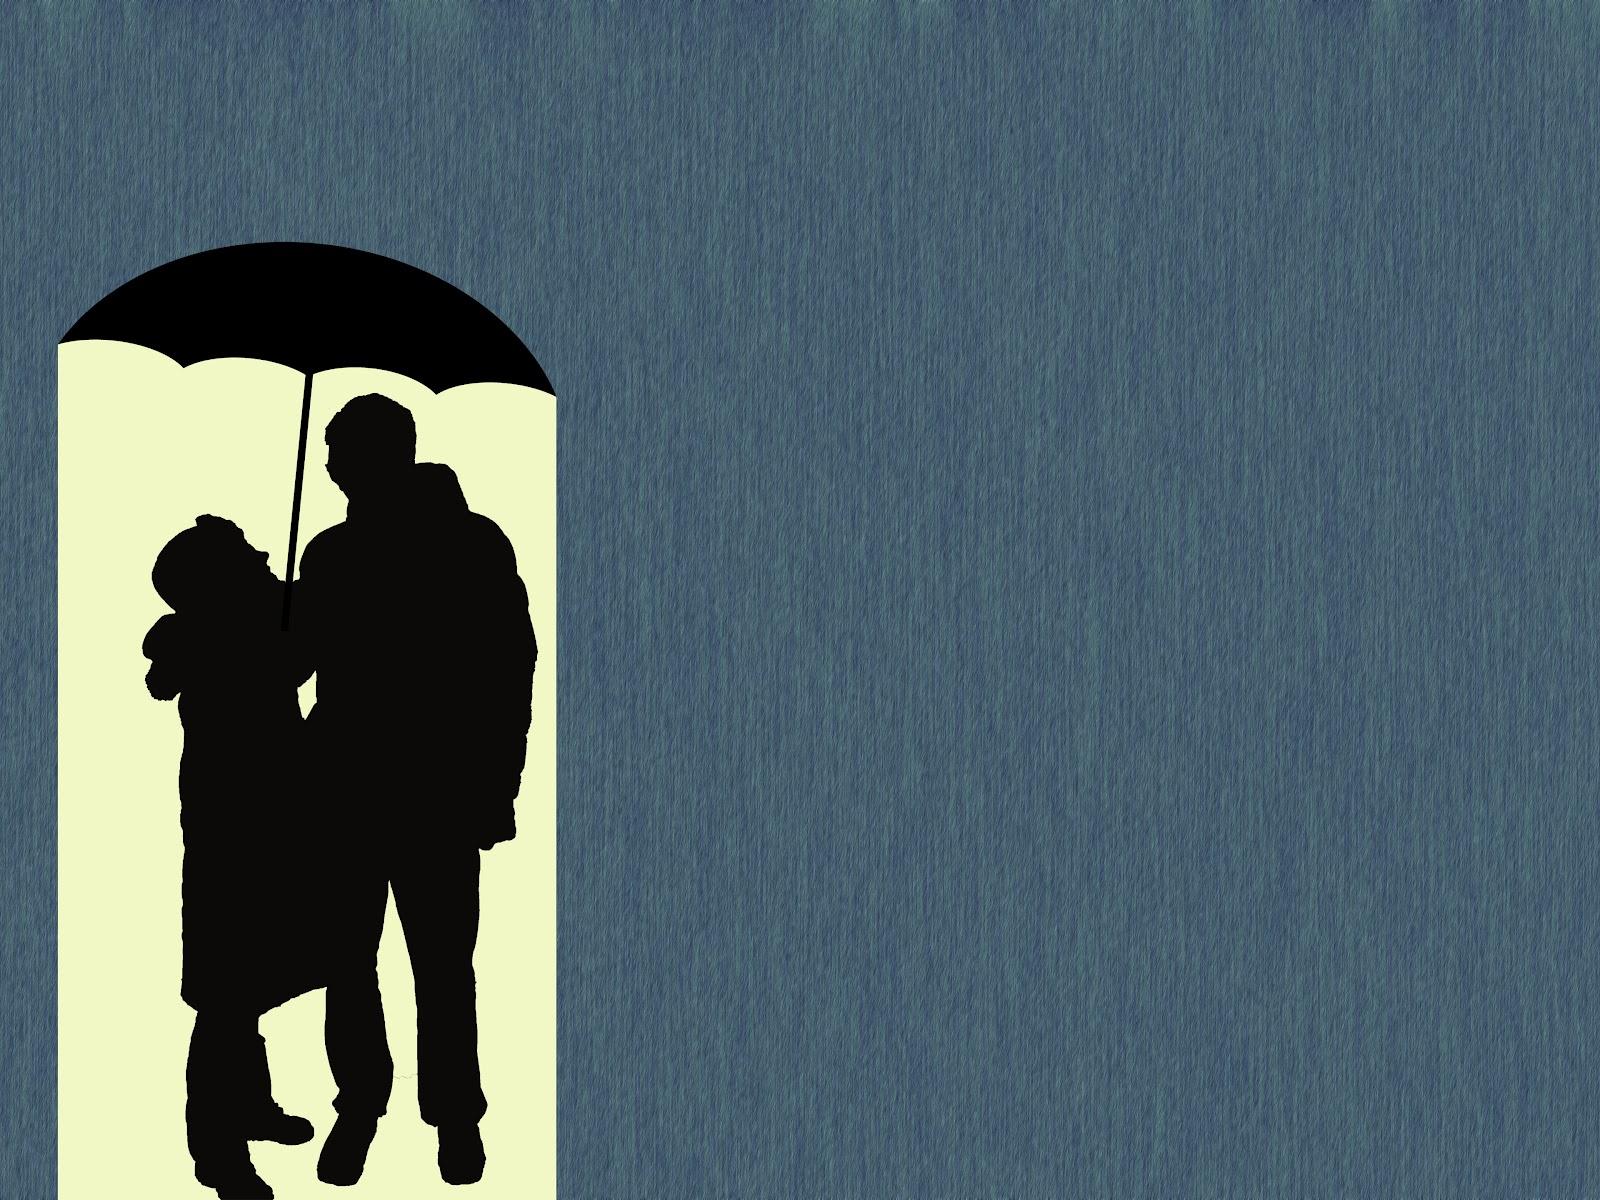 ☂ under my white umbrella.